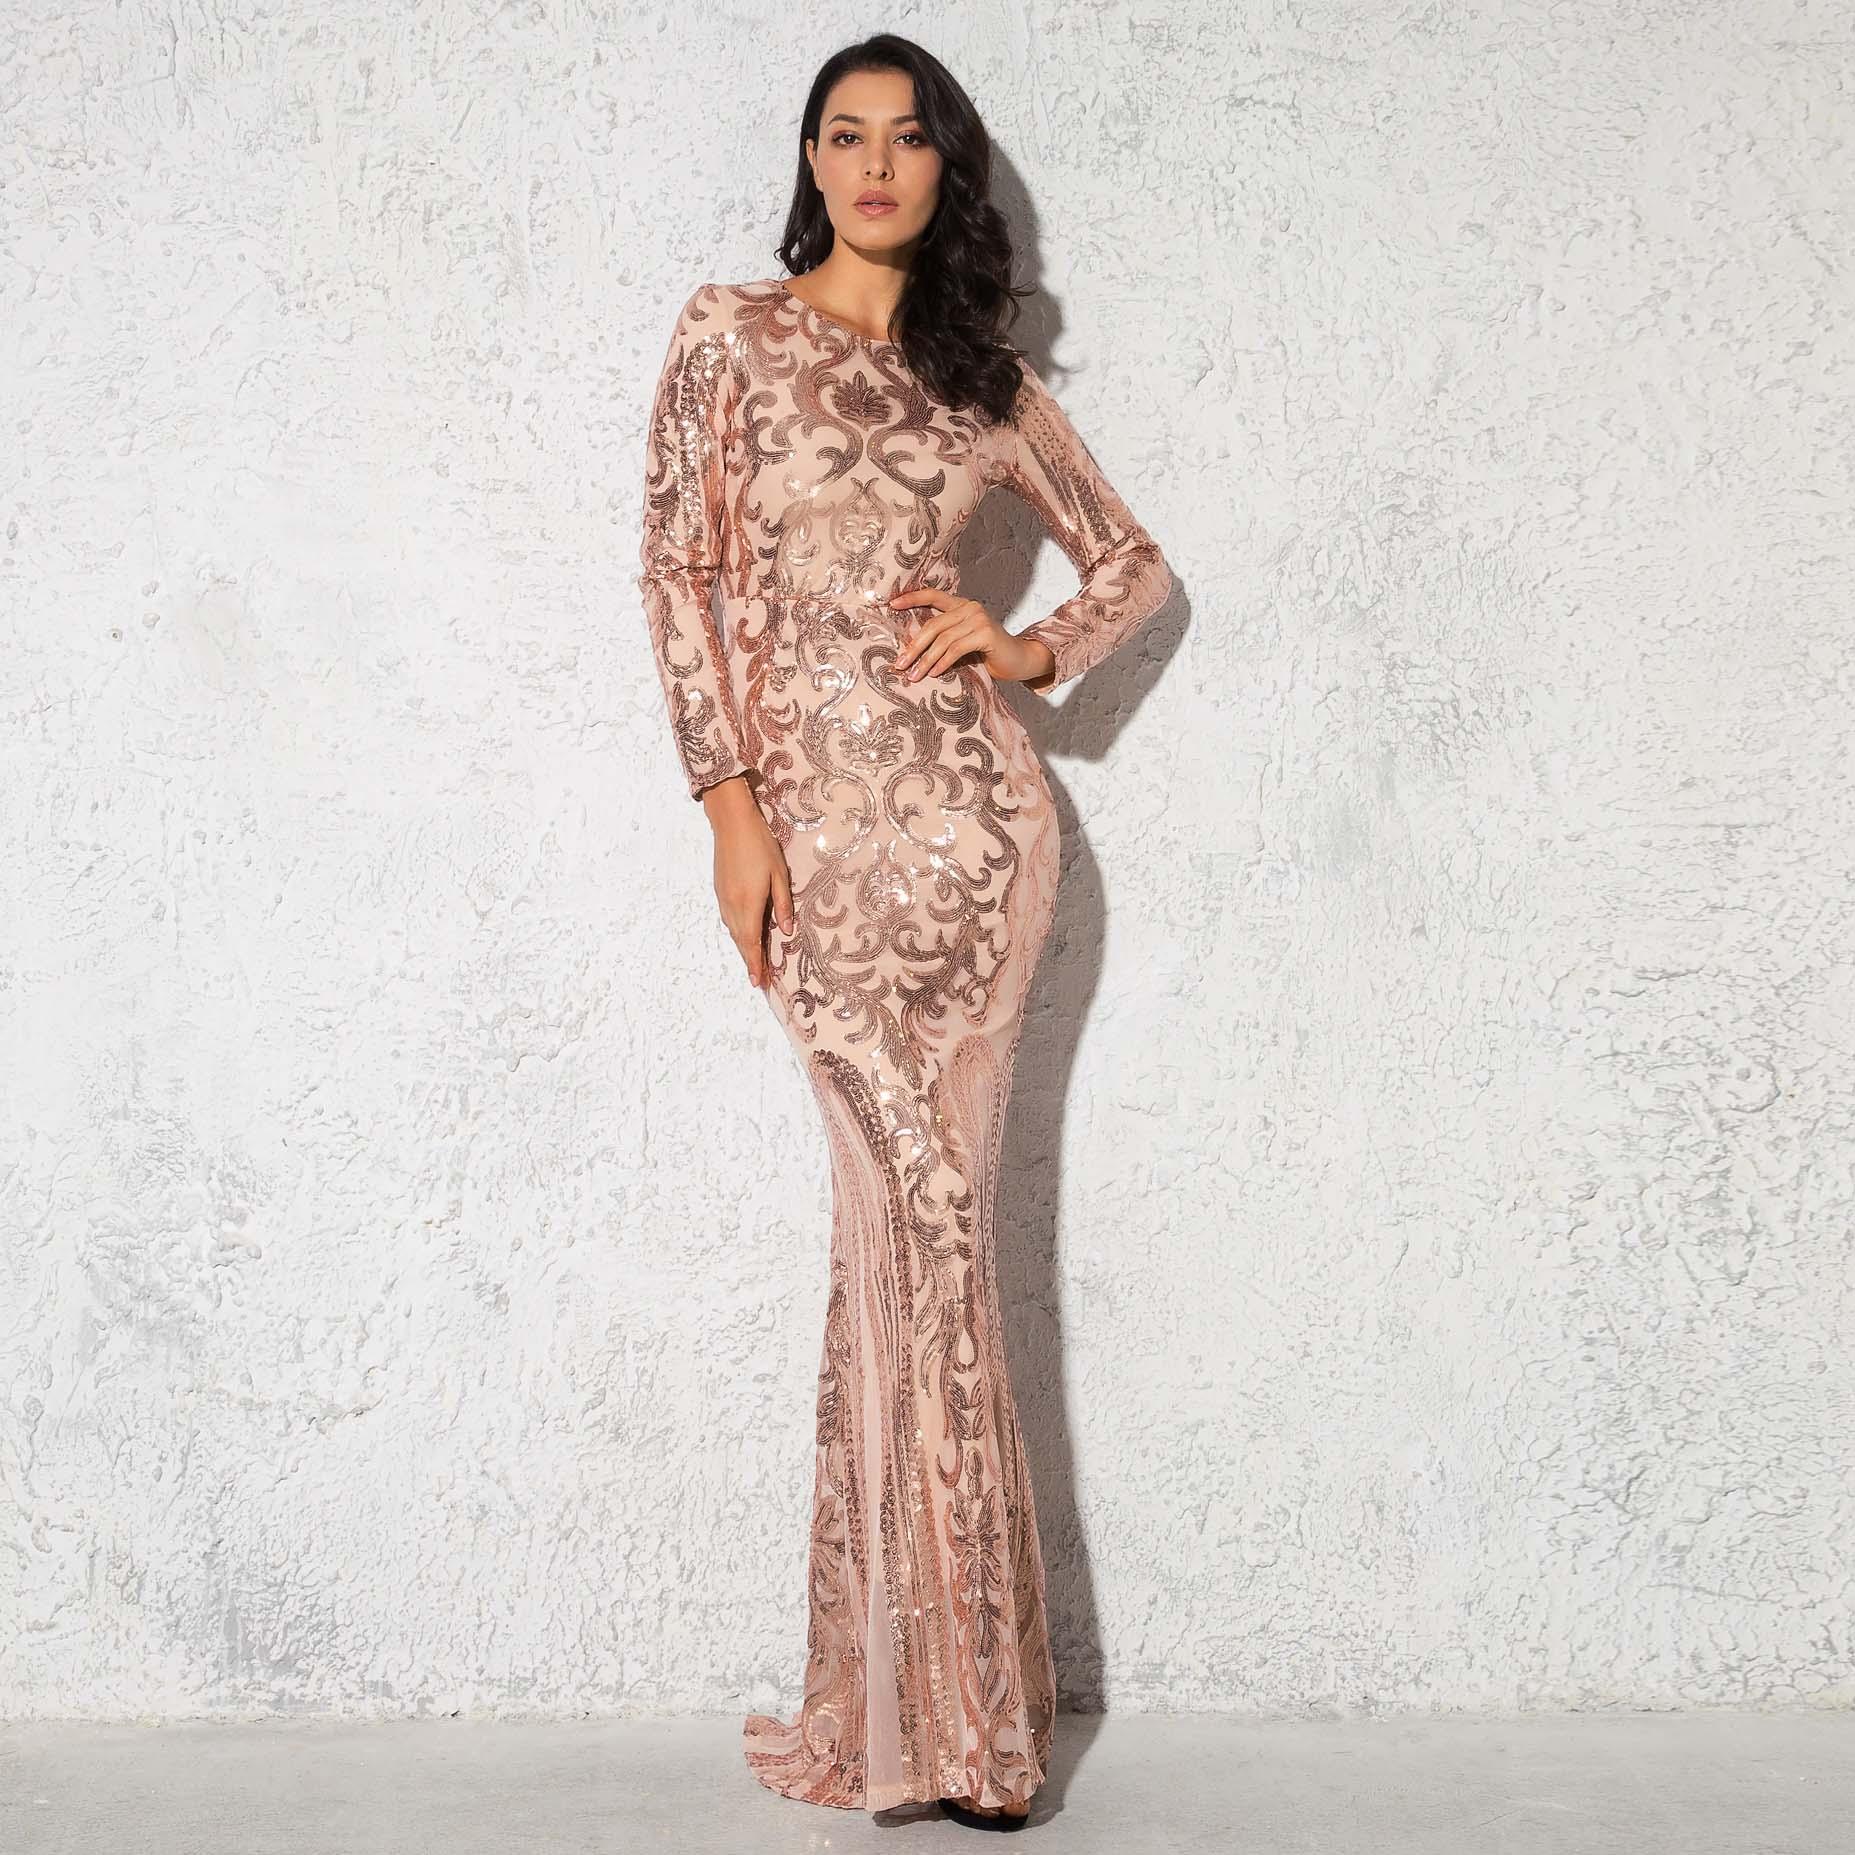 Extensible à manches longues robe Maxi géométrique pailleté moulante robe de soirée O cou dos fermeture éclair longueur de plancher robe